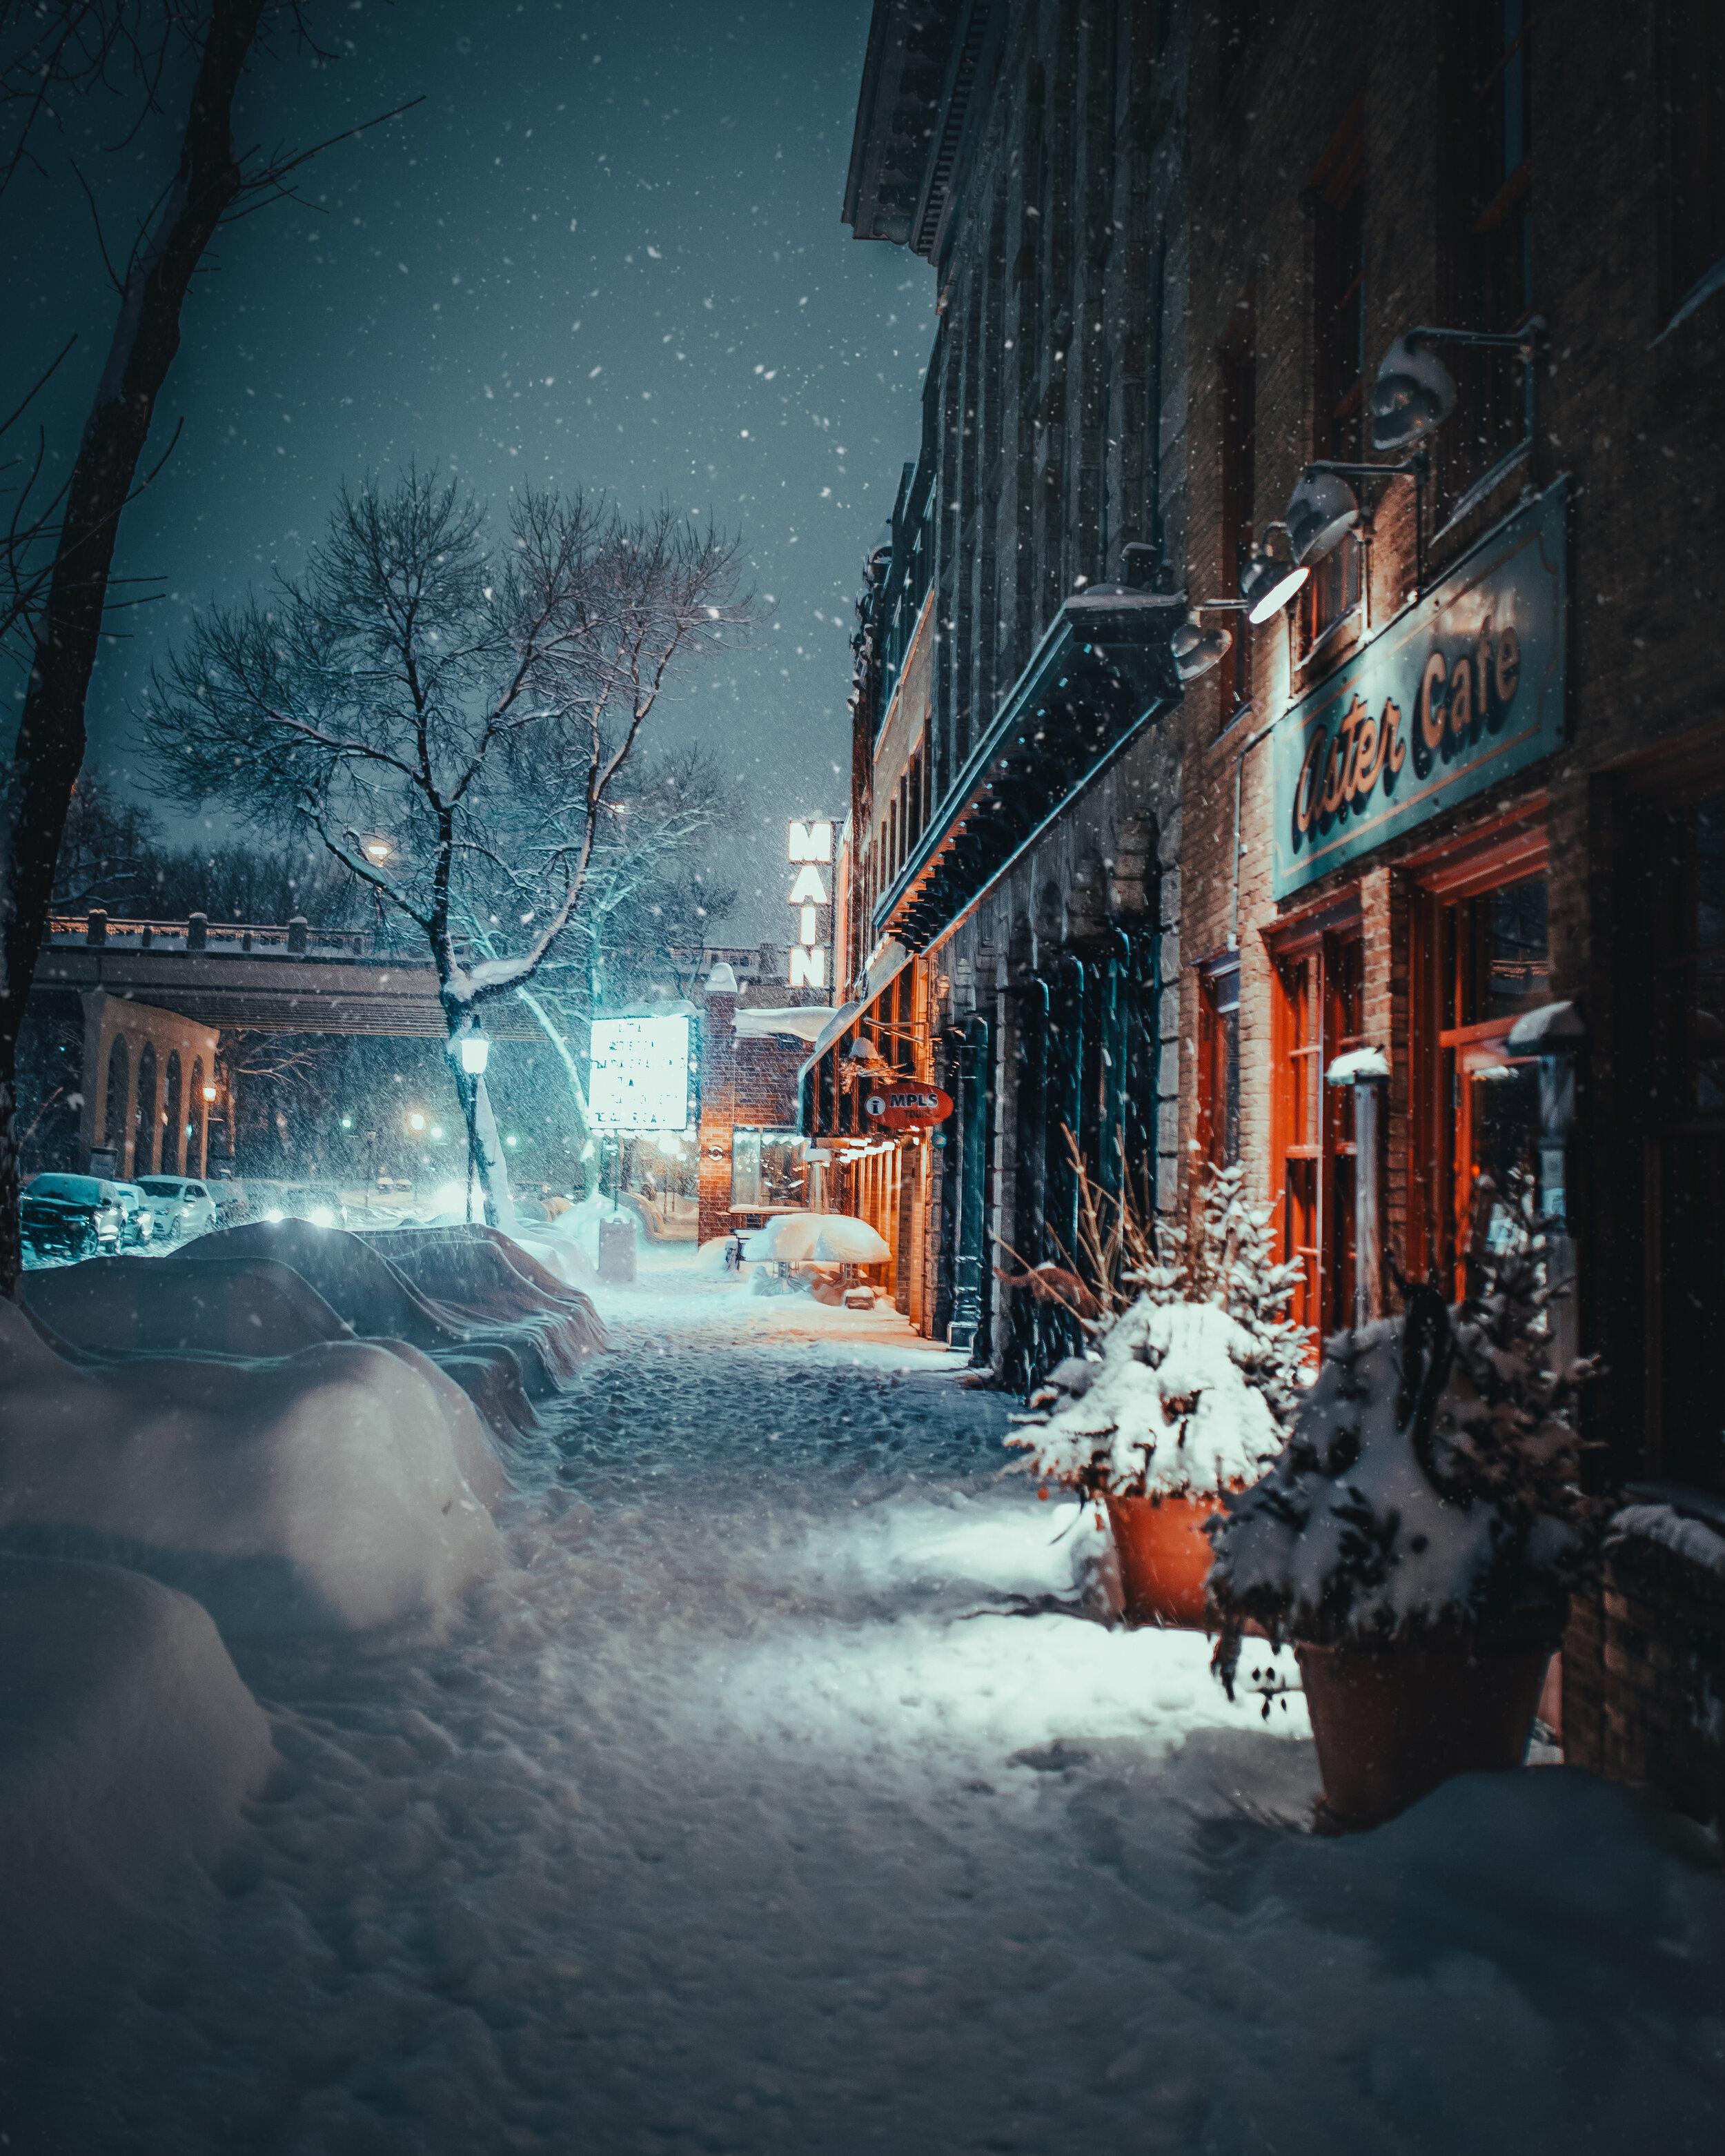 冬季的照片